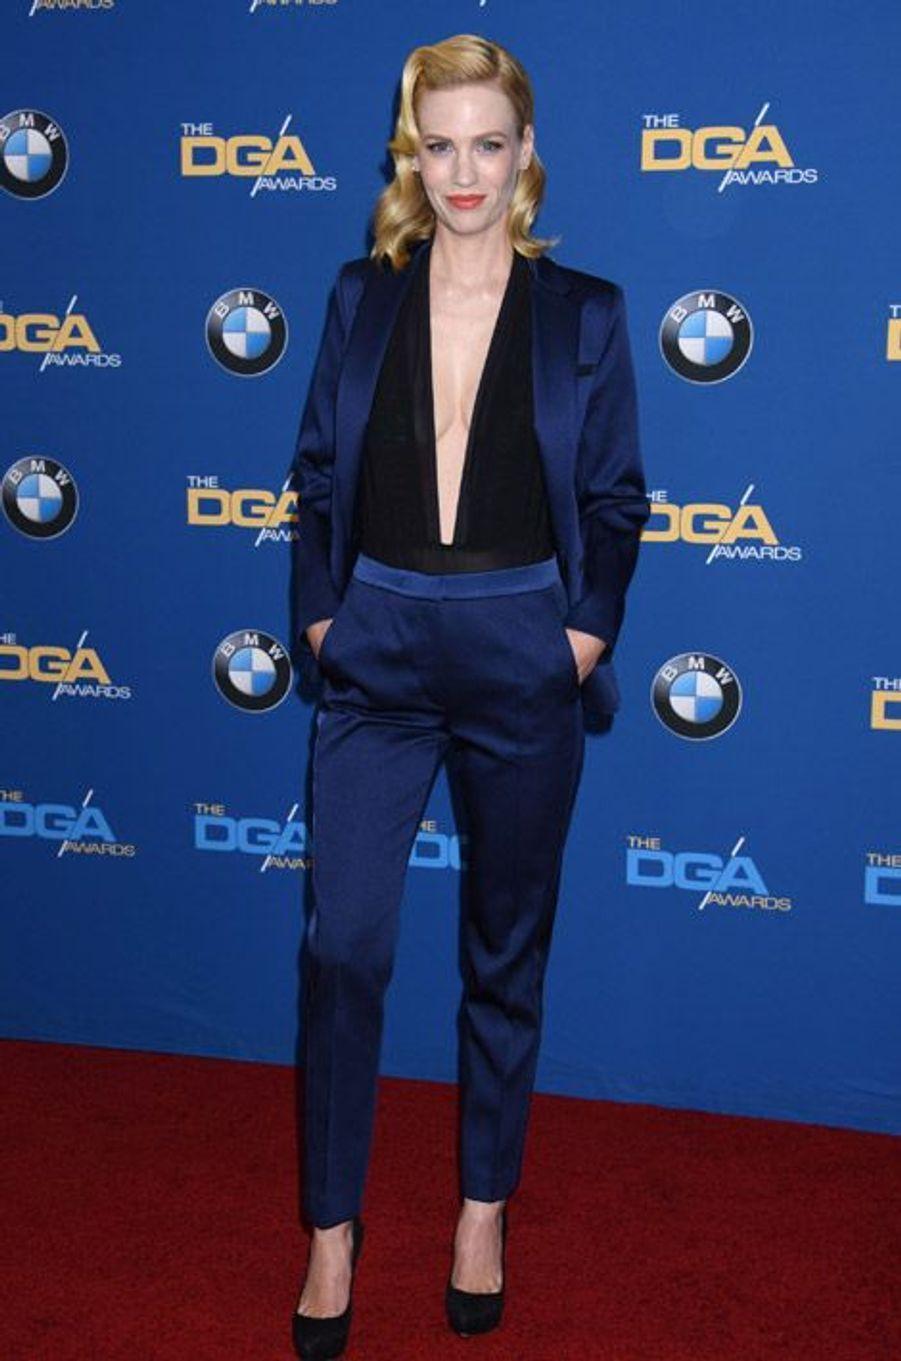 L'actrice January Jones en Sandro lors des DGA Awards à Los Angeles, le 7 février 2015